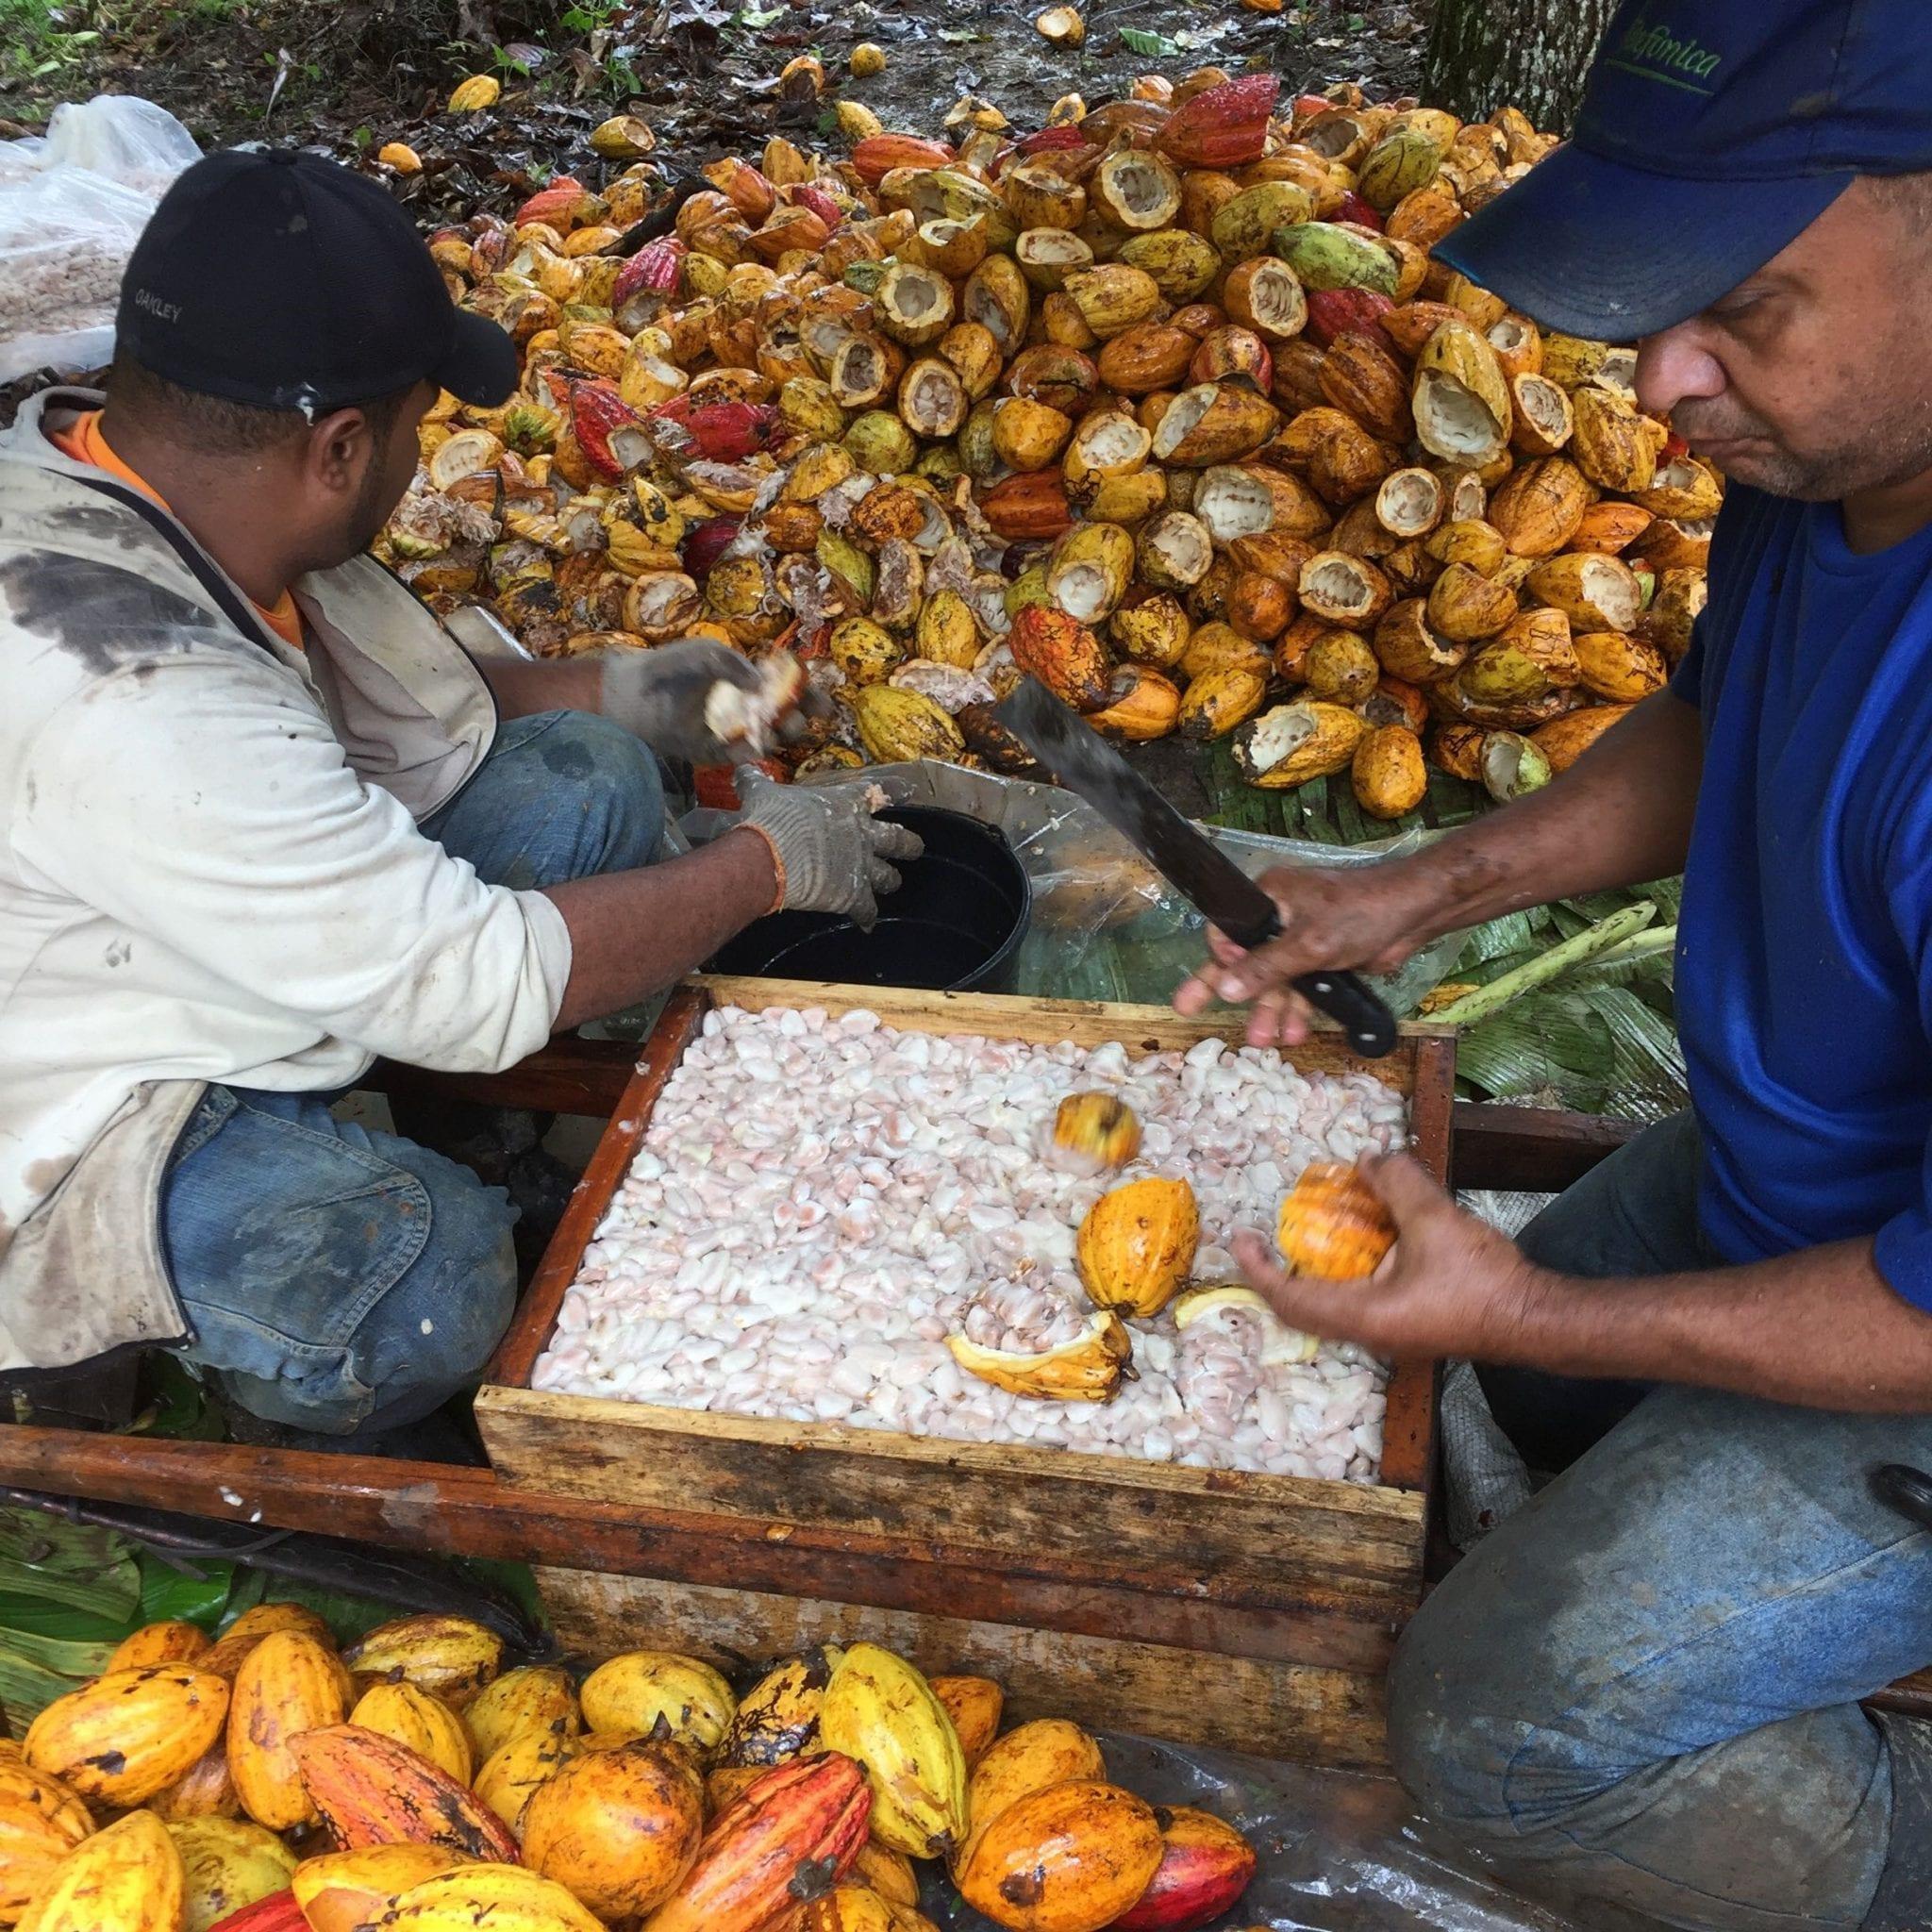 Farming Uk Meat Processing News: Explicación Paso A Paso: La Cosecha Y El Procesamiento Del